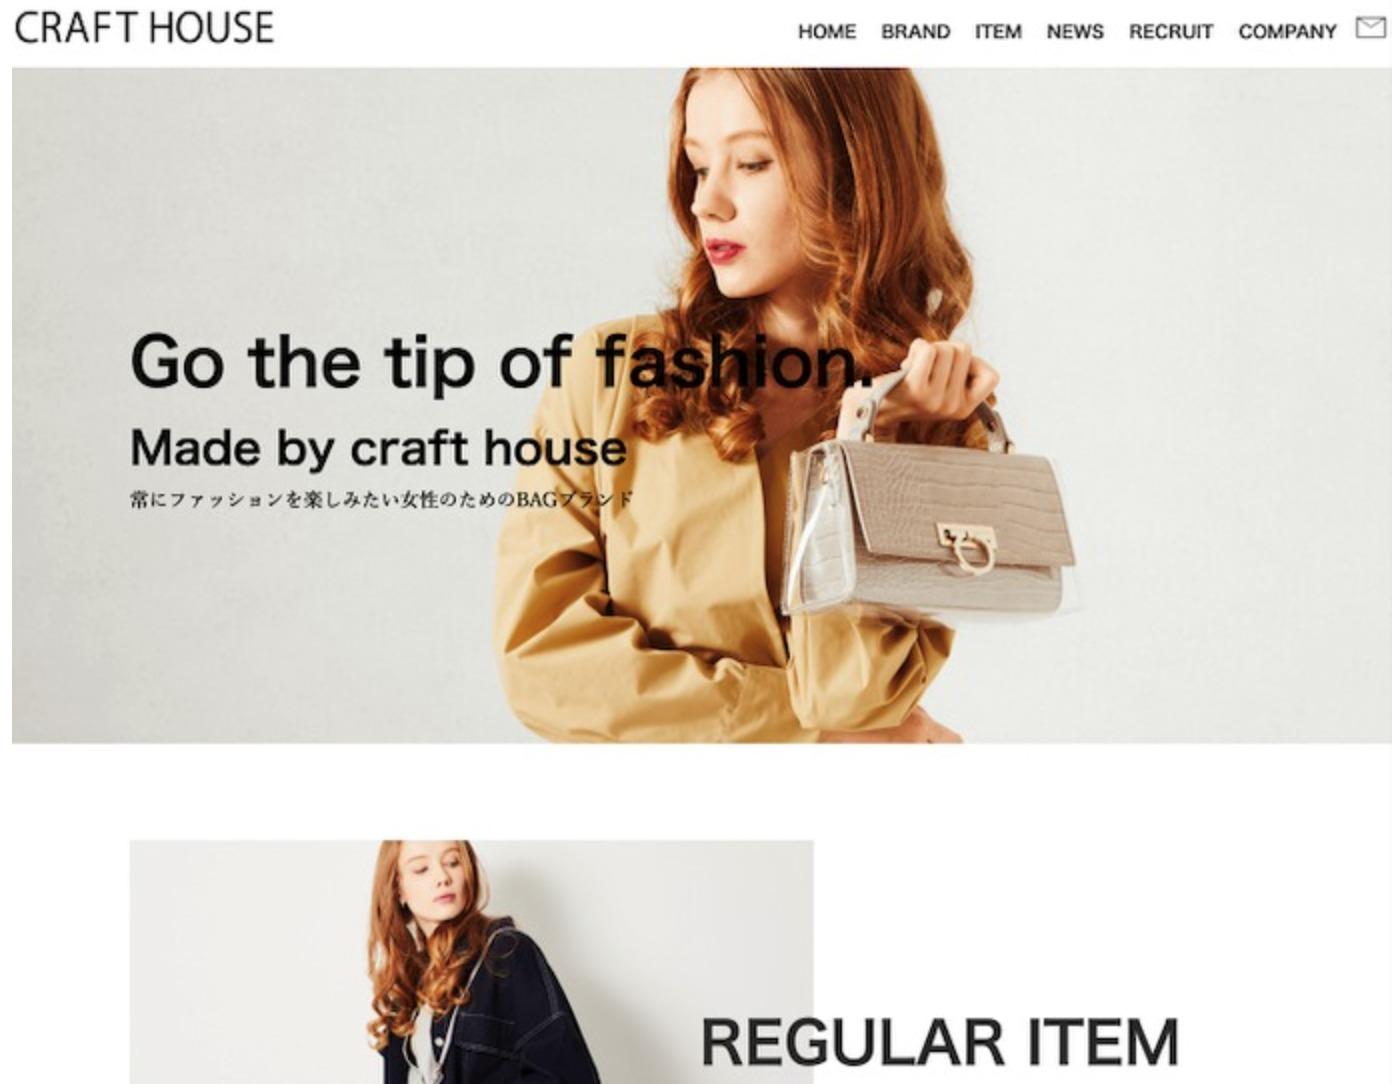 【ホームページ制作事例】クラフト・ハウス、京都市、袋物製造卸売業(バッグ)